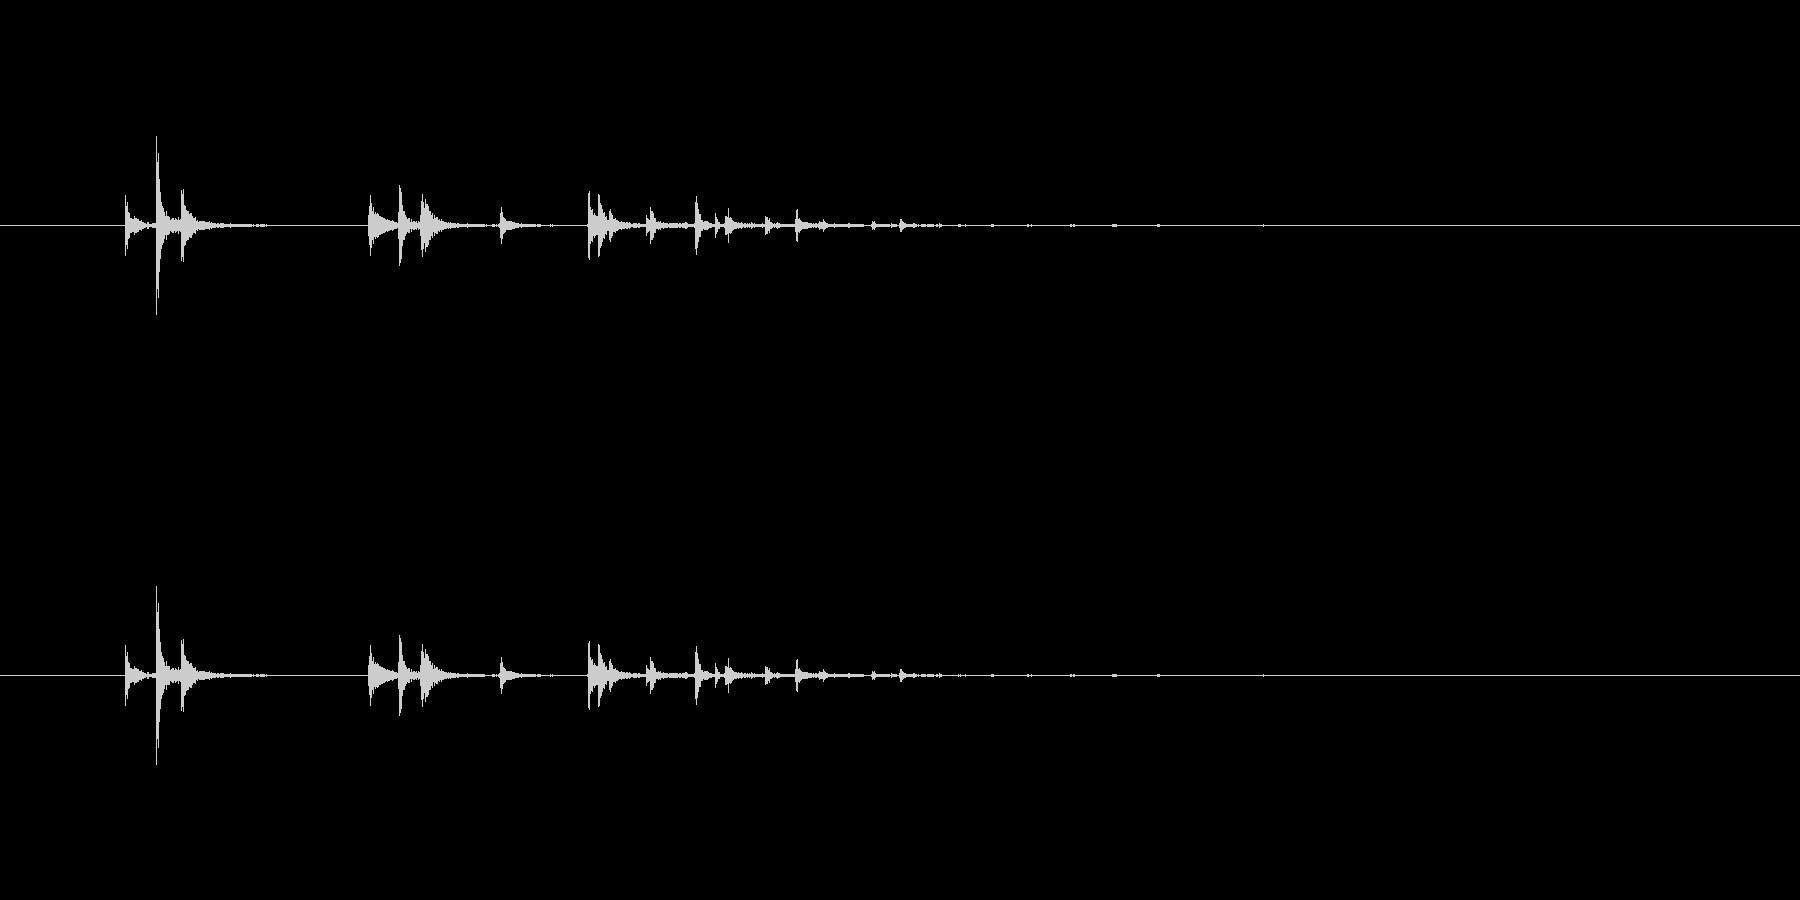 【鉛筆01-14(置く)】の未再生の波形